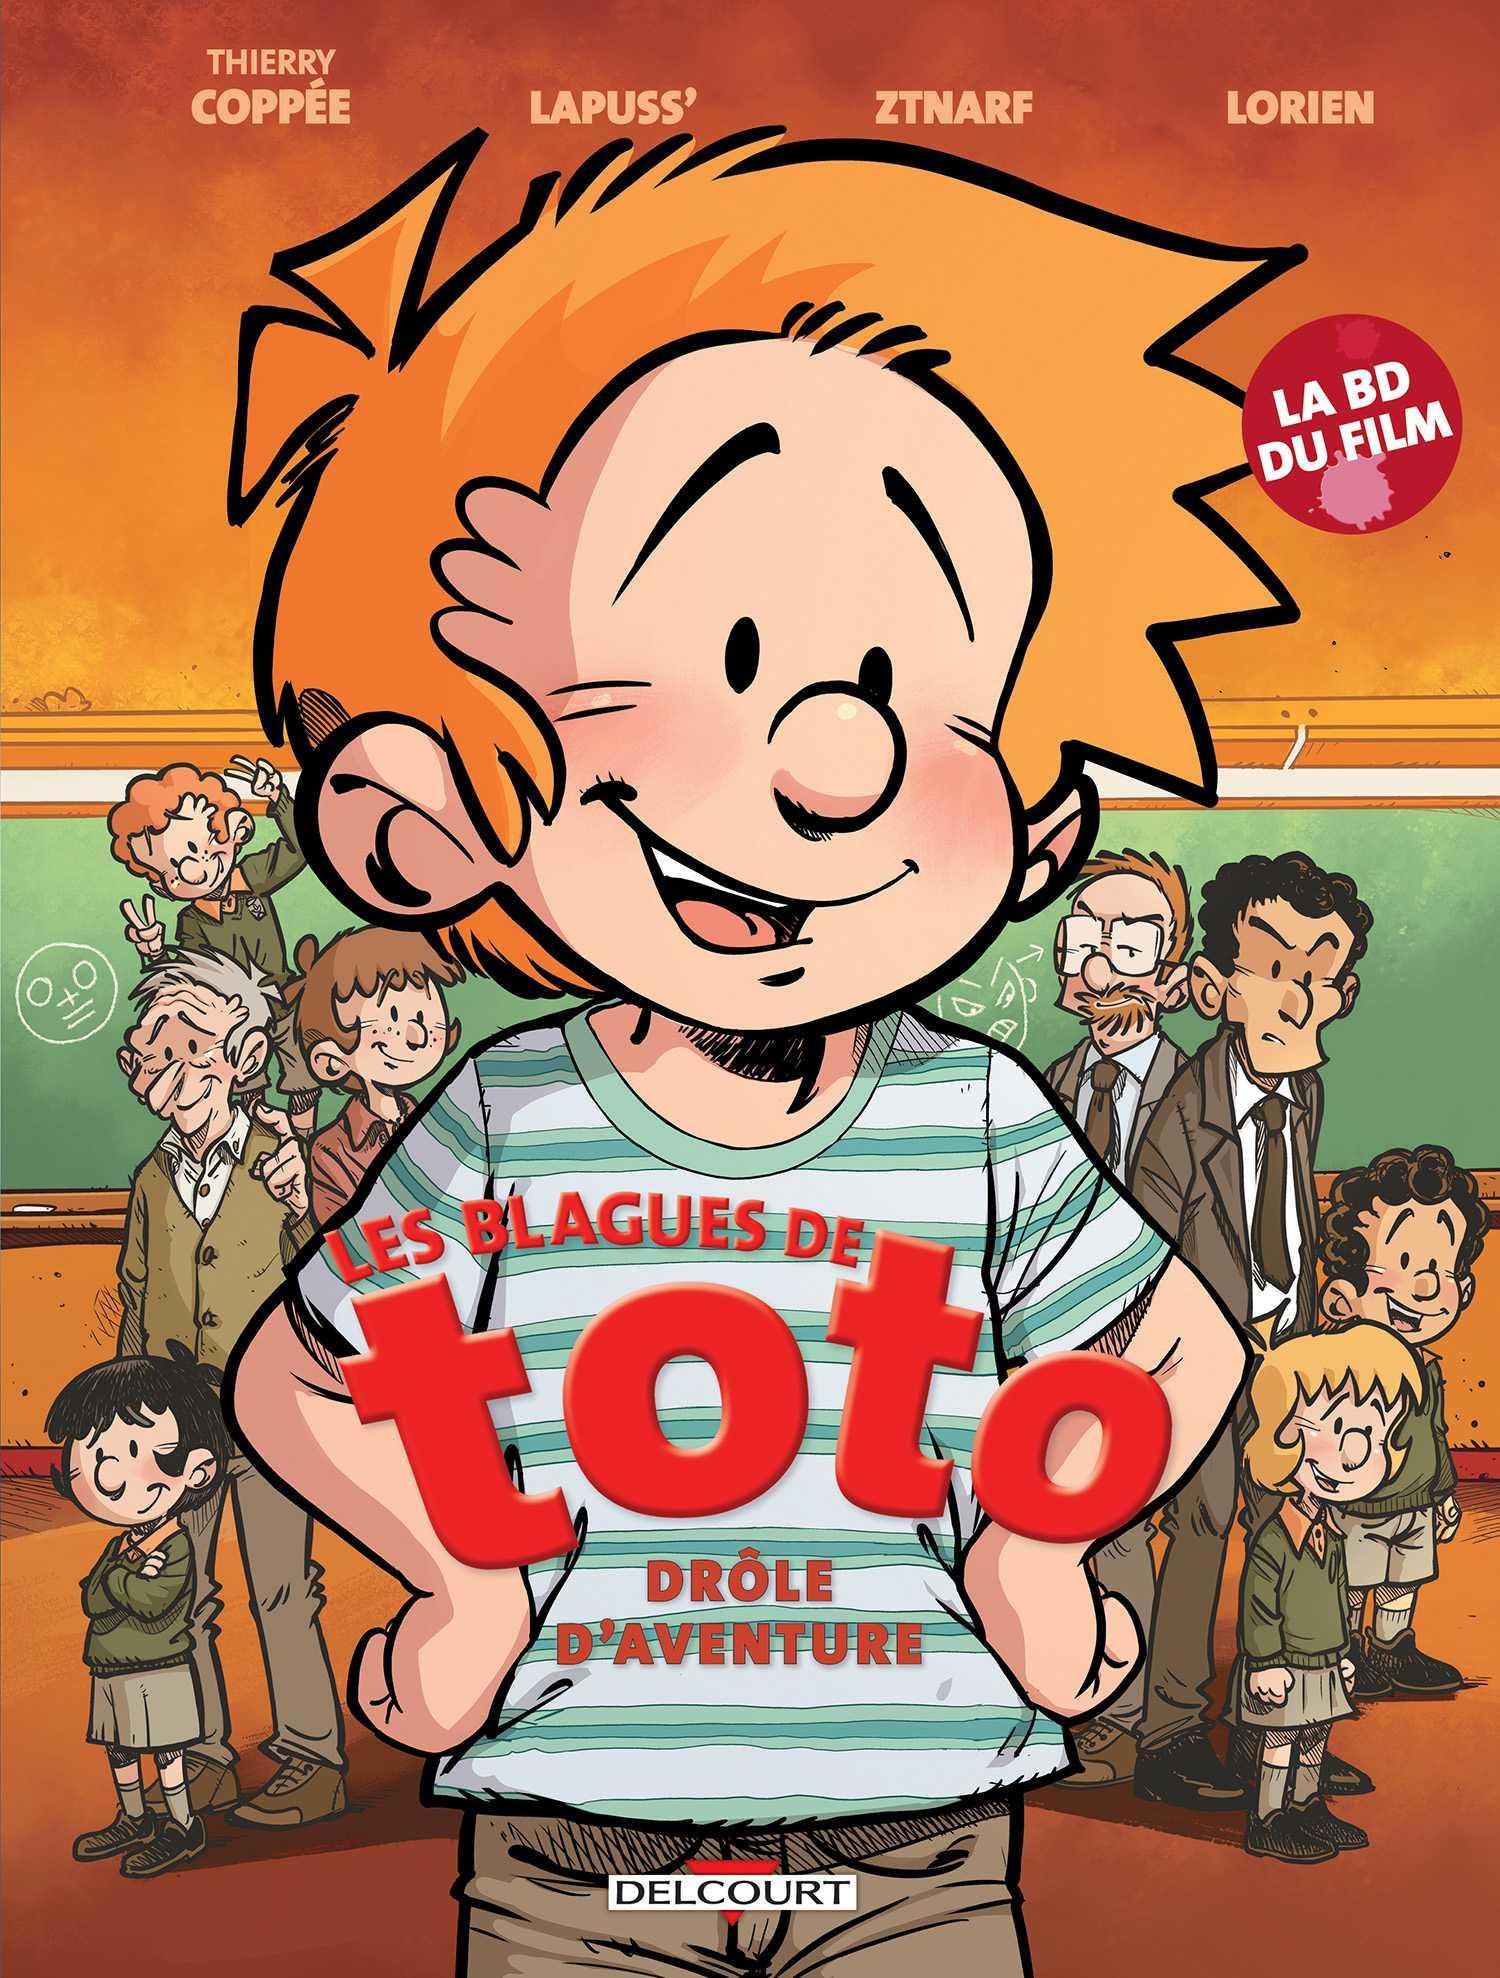 Les Blagues de Toto, des bulles à l'écran le 5 août et retour